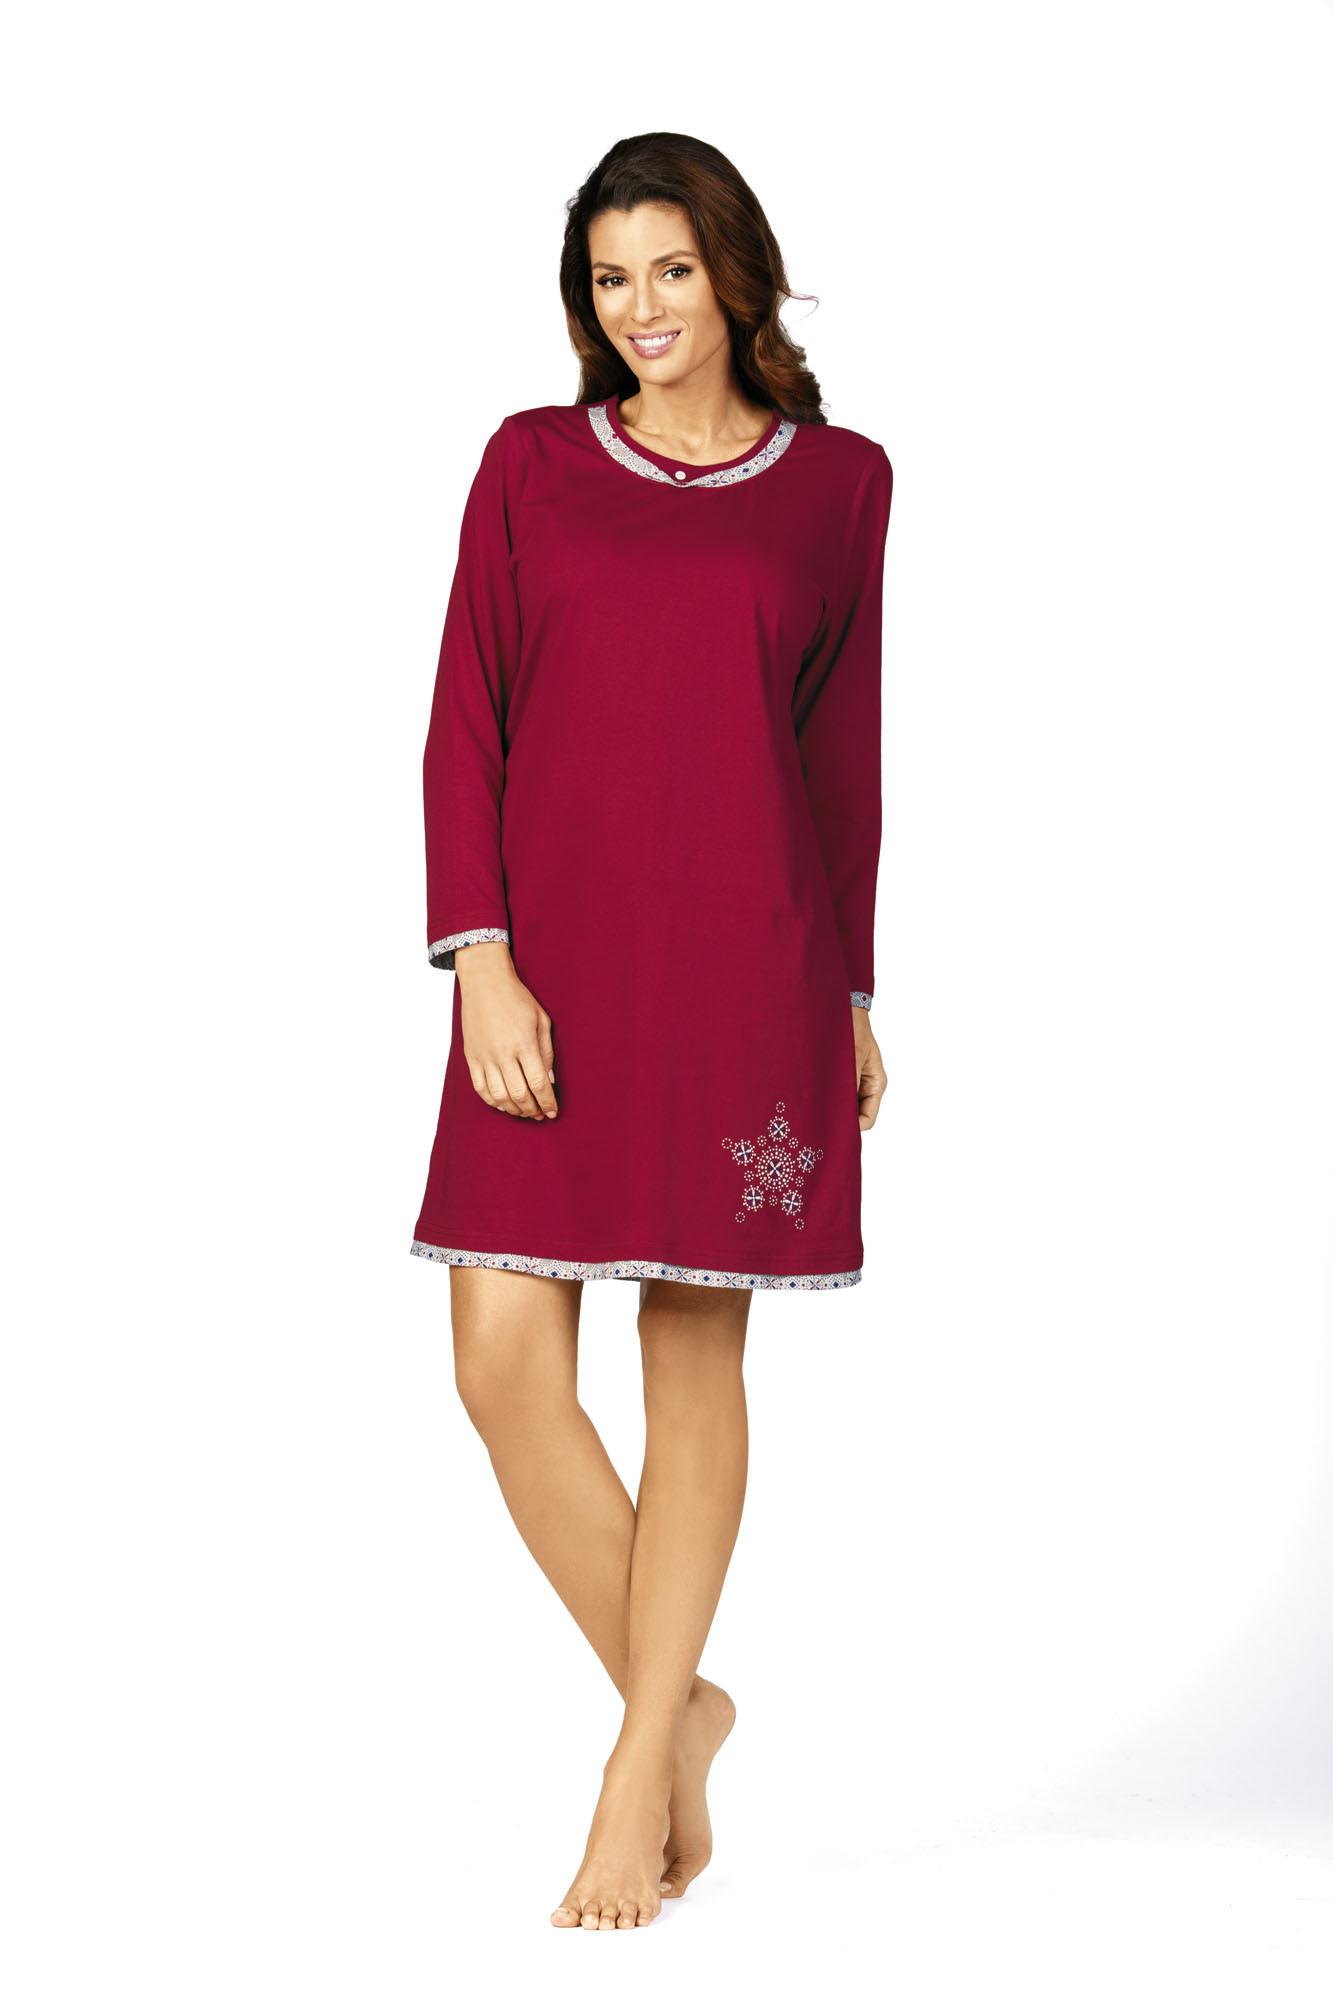 Comtessa Damen Nachthemd Schlafshirt in granberry 36 38 40 42 44 46 48 50 52 54